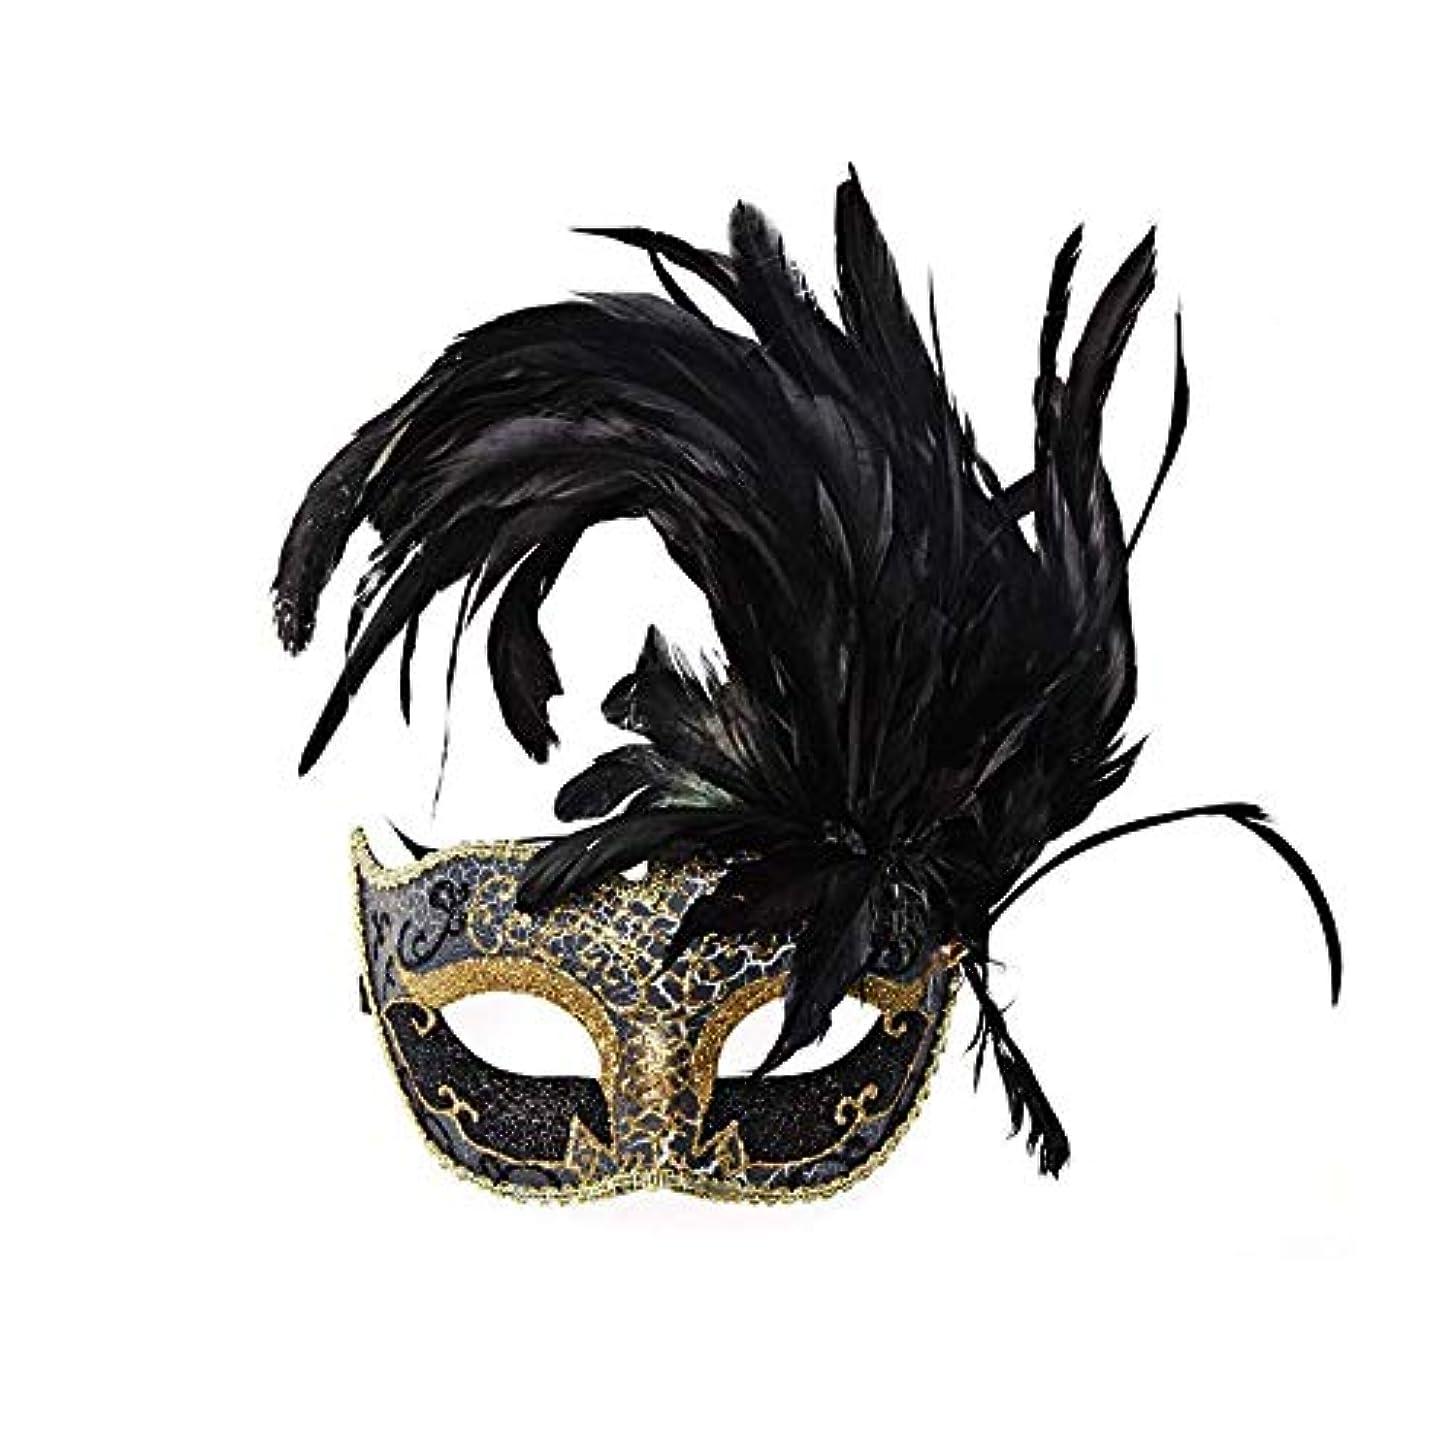 素晴らしい独裁着陸Nanle ハロウィンマスクハーフフェザーマスクベニスプリンセスマスク美容レース仮面ライダーコスプレ (色 : Style A black)